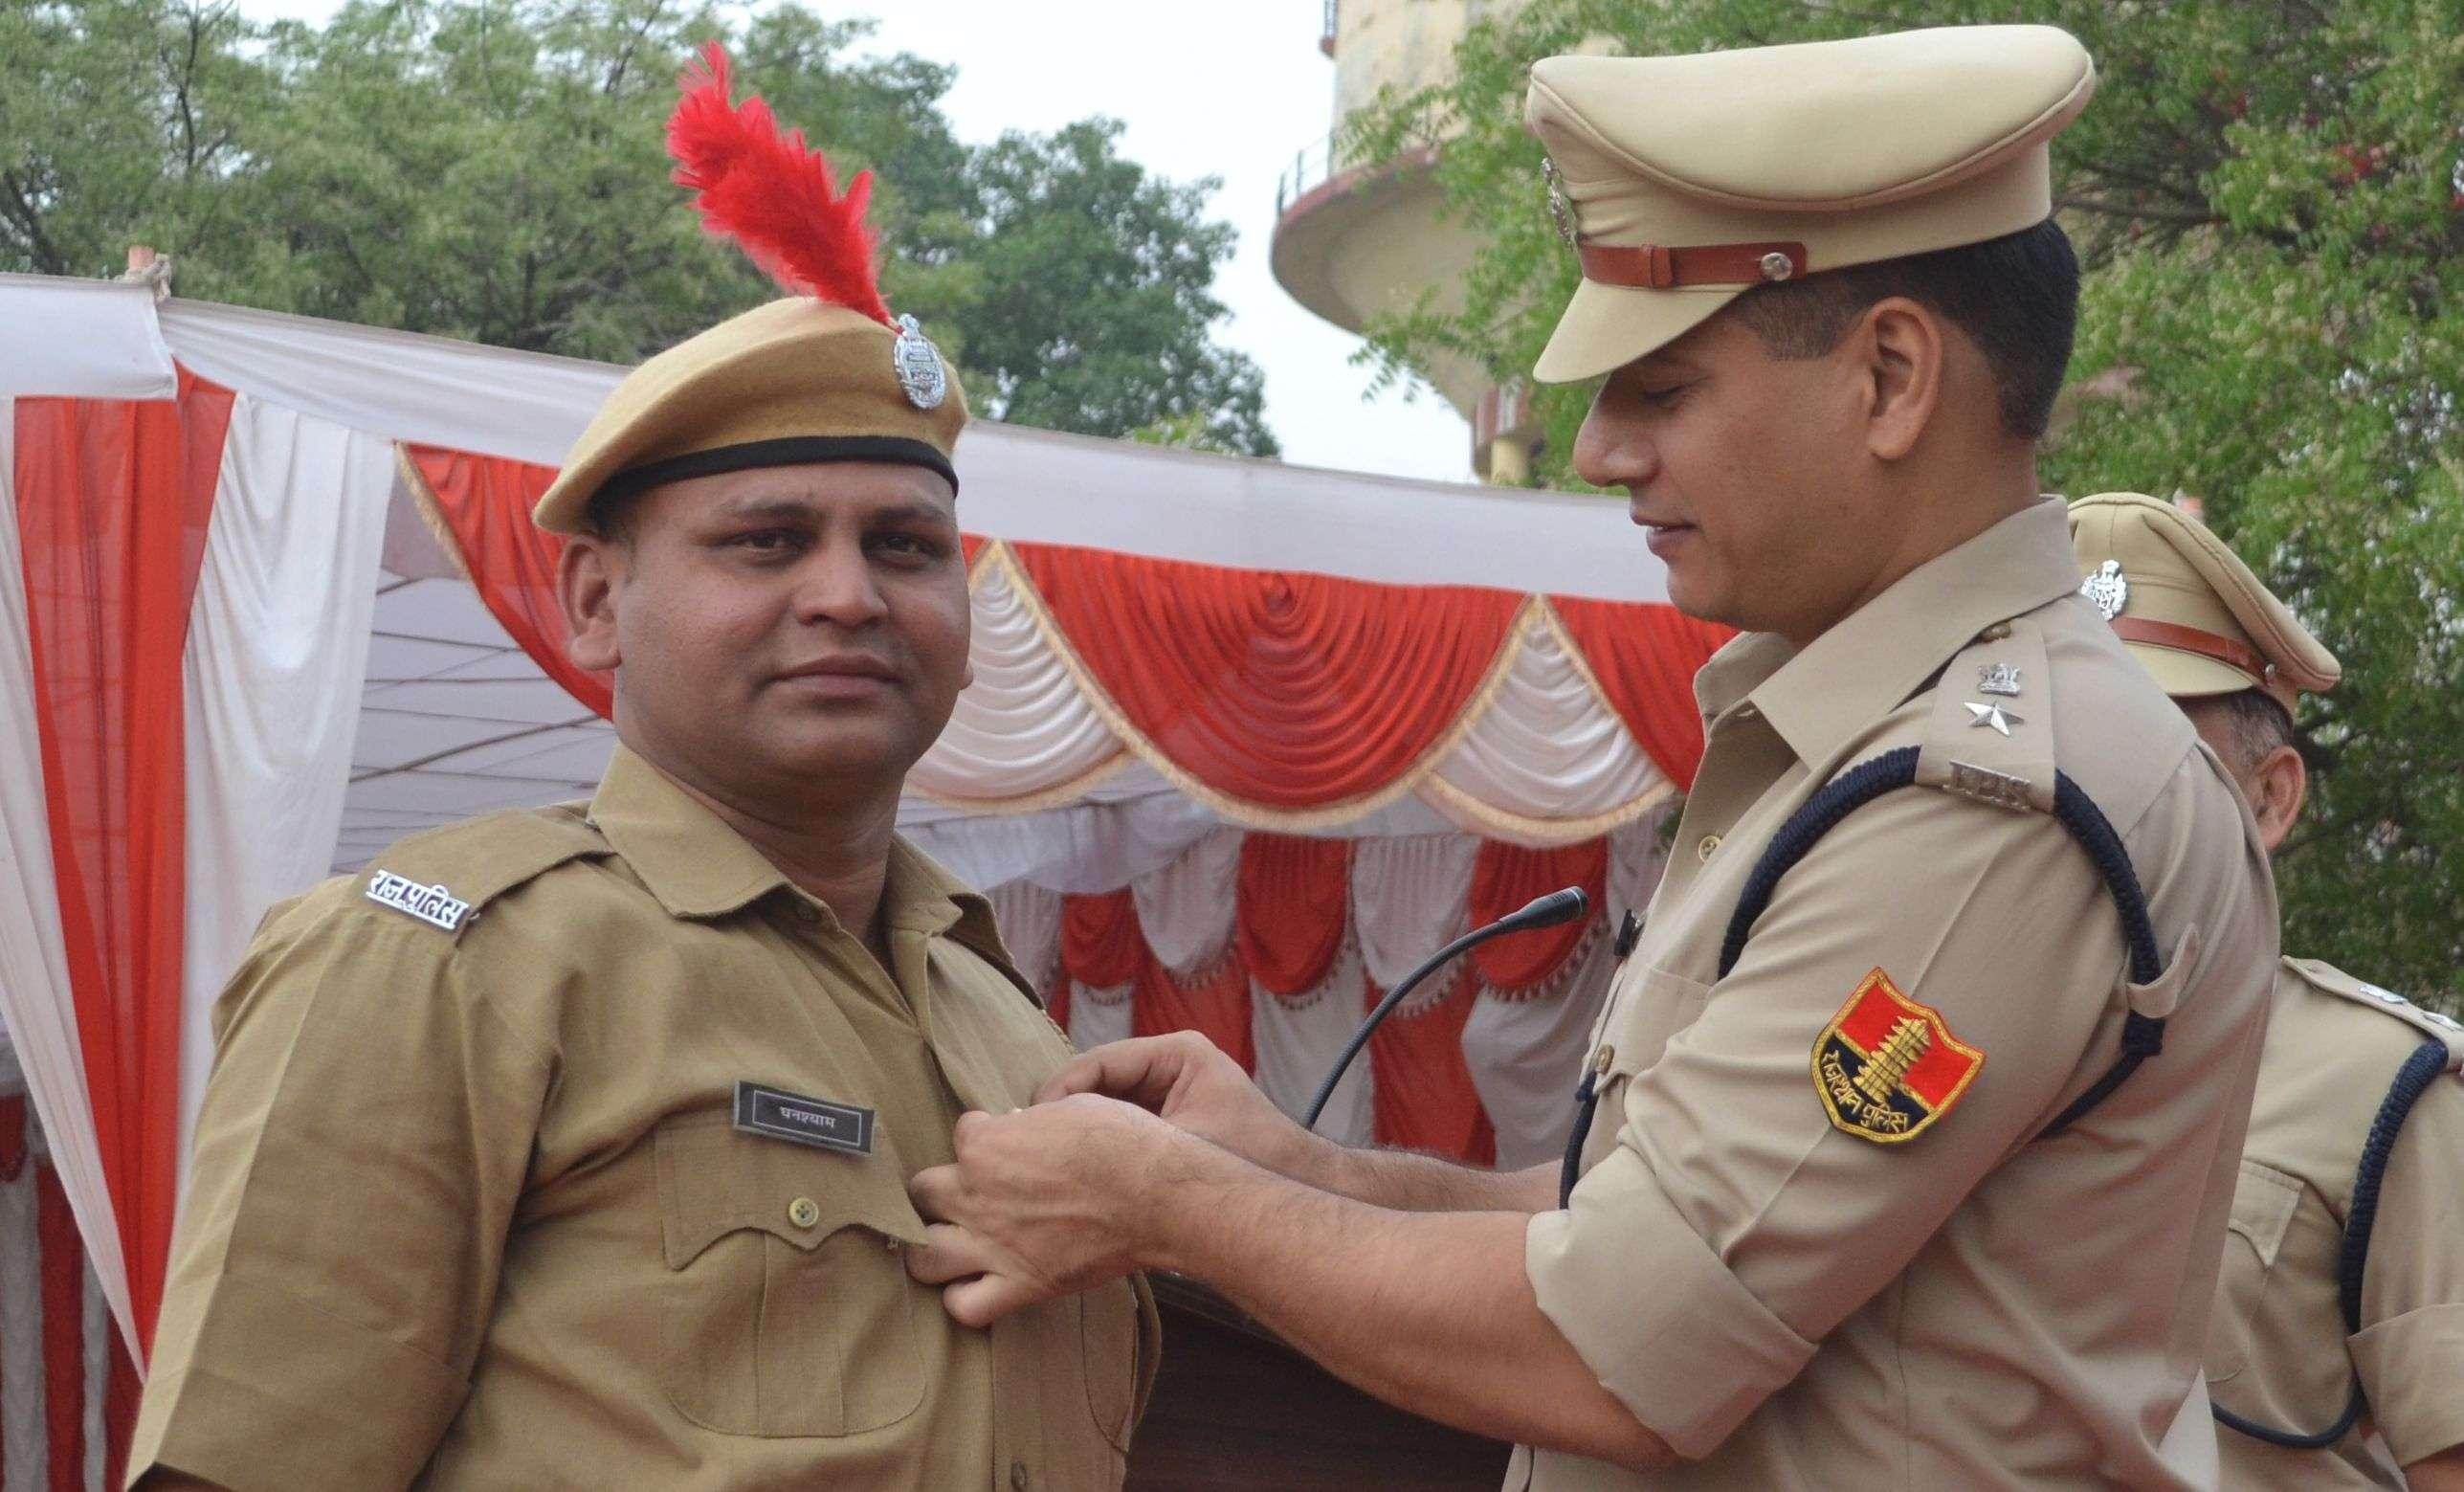 POLICE DAY CELEBRATION IN ALWAR